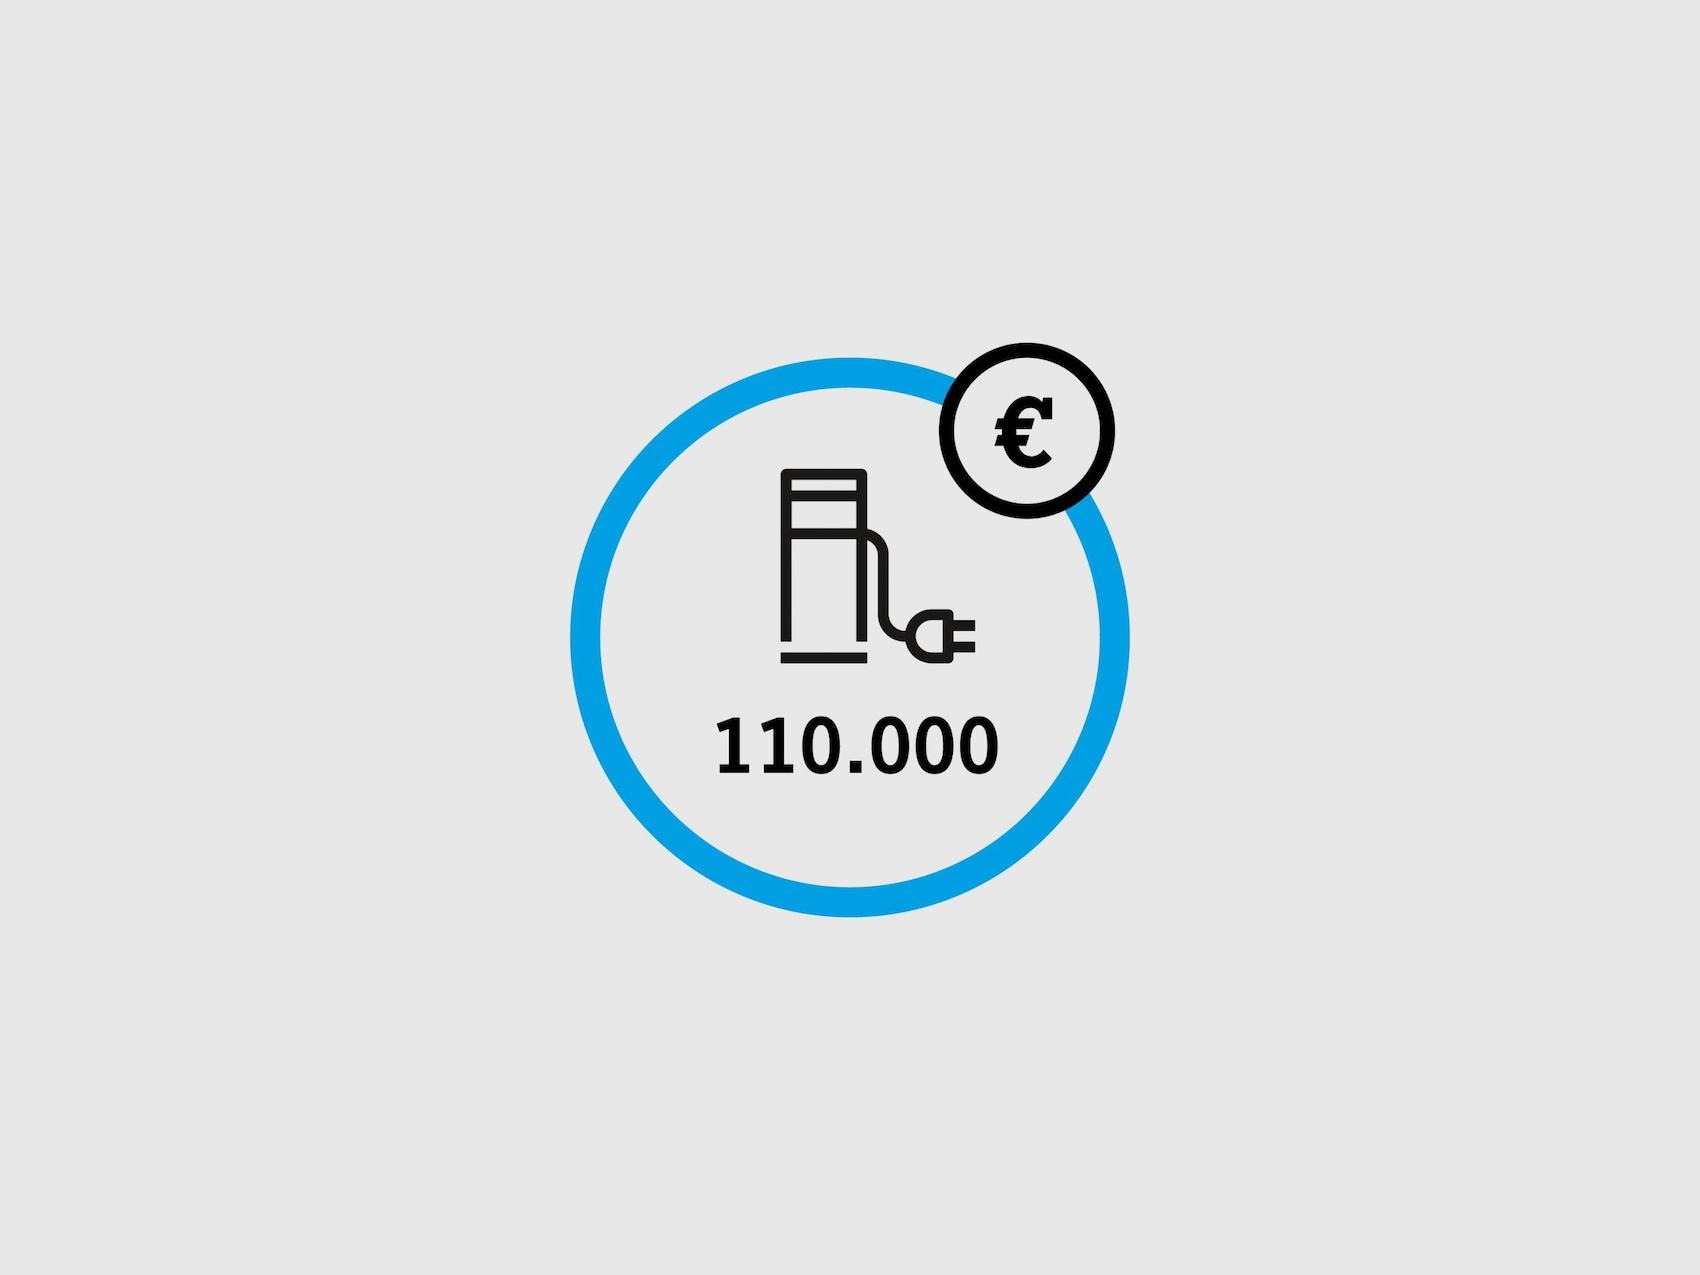 Niebieskie kółko, w którym odwzorowane jest logo Plugsurfing i poniżej 110.000.